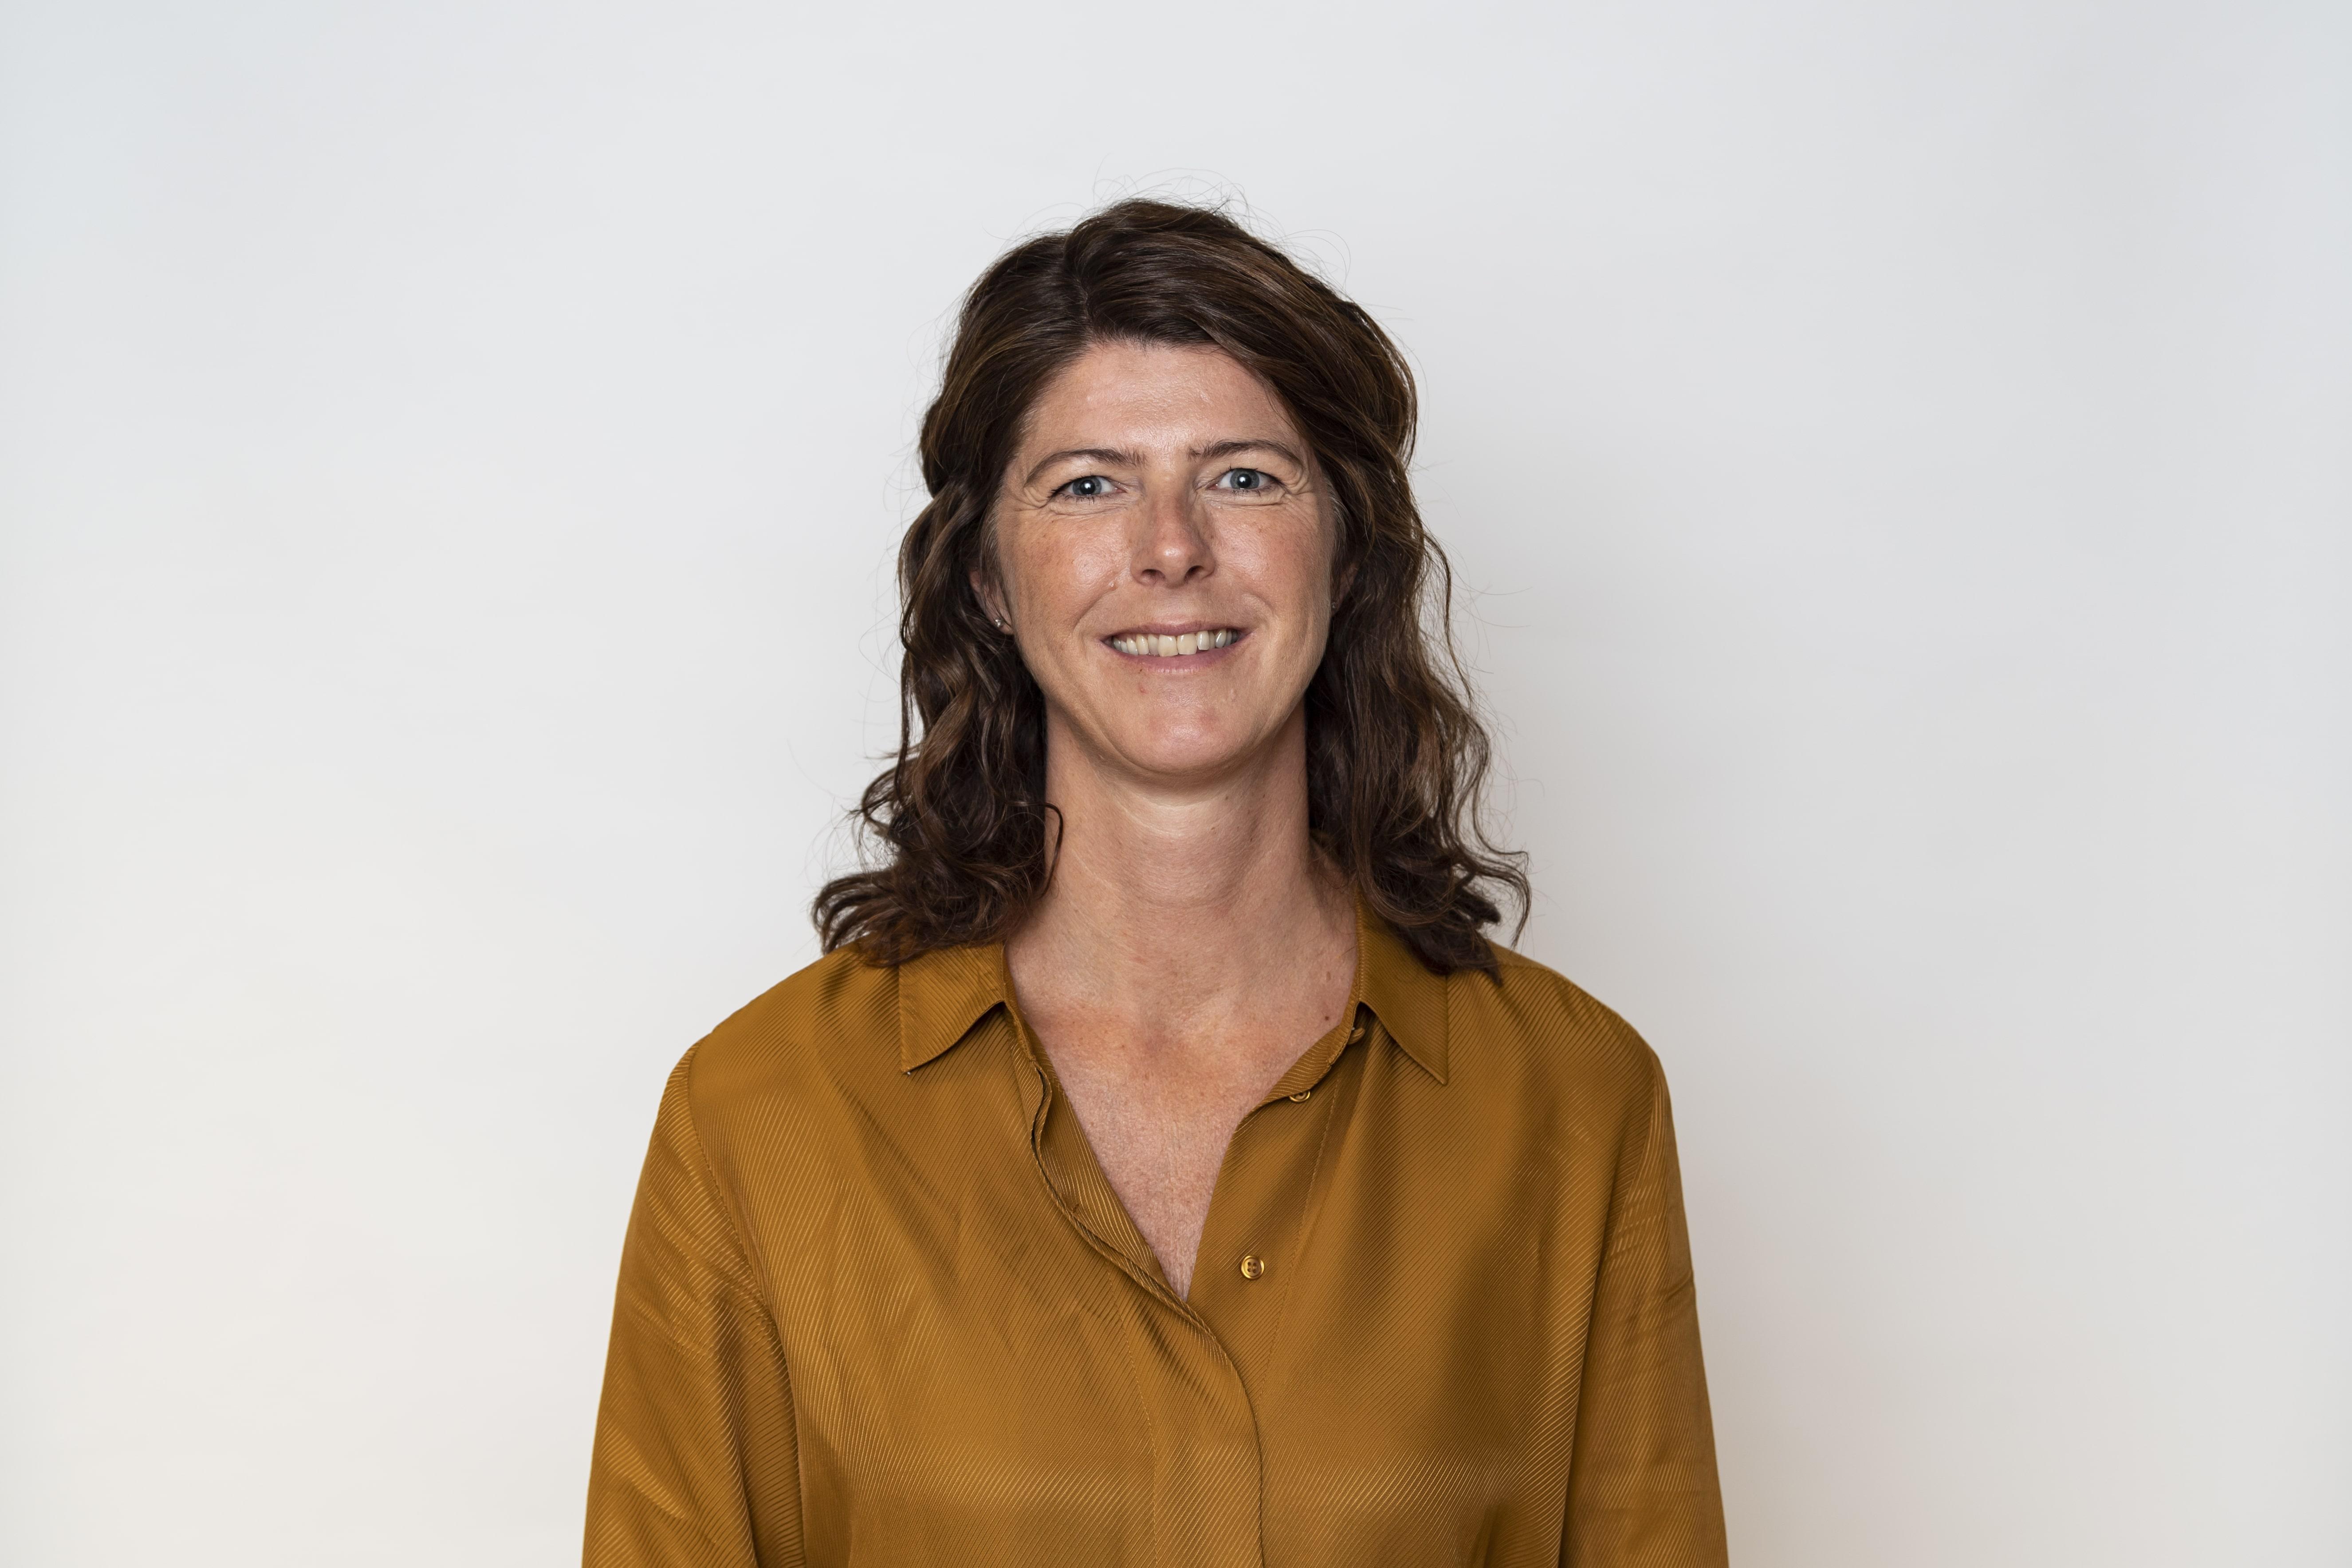 Portrettbilde av Jannicke Liebenberg, Salgsleder for Digitale markedsføringstjenester